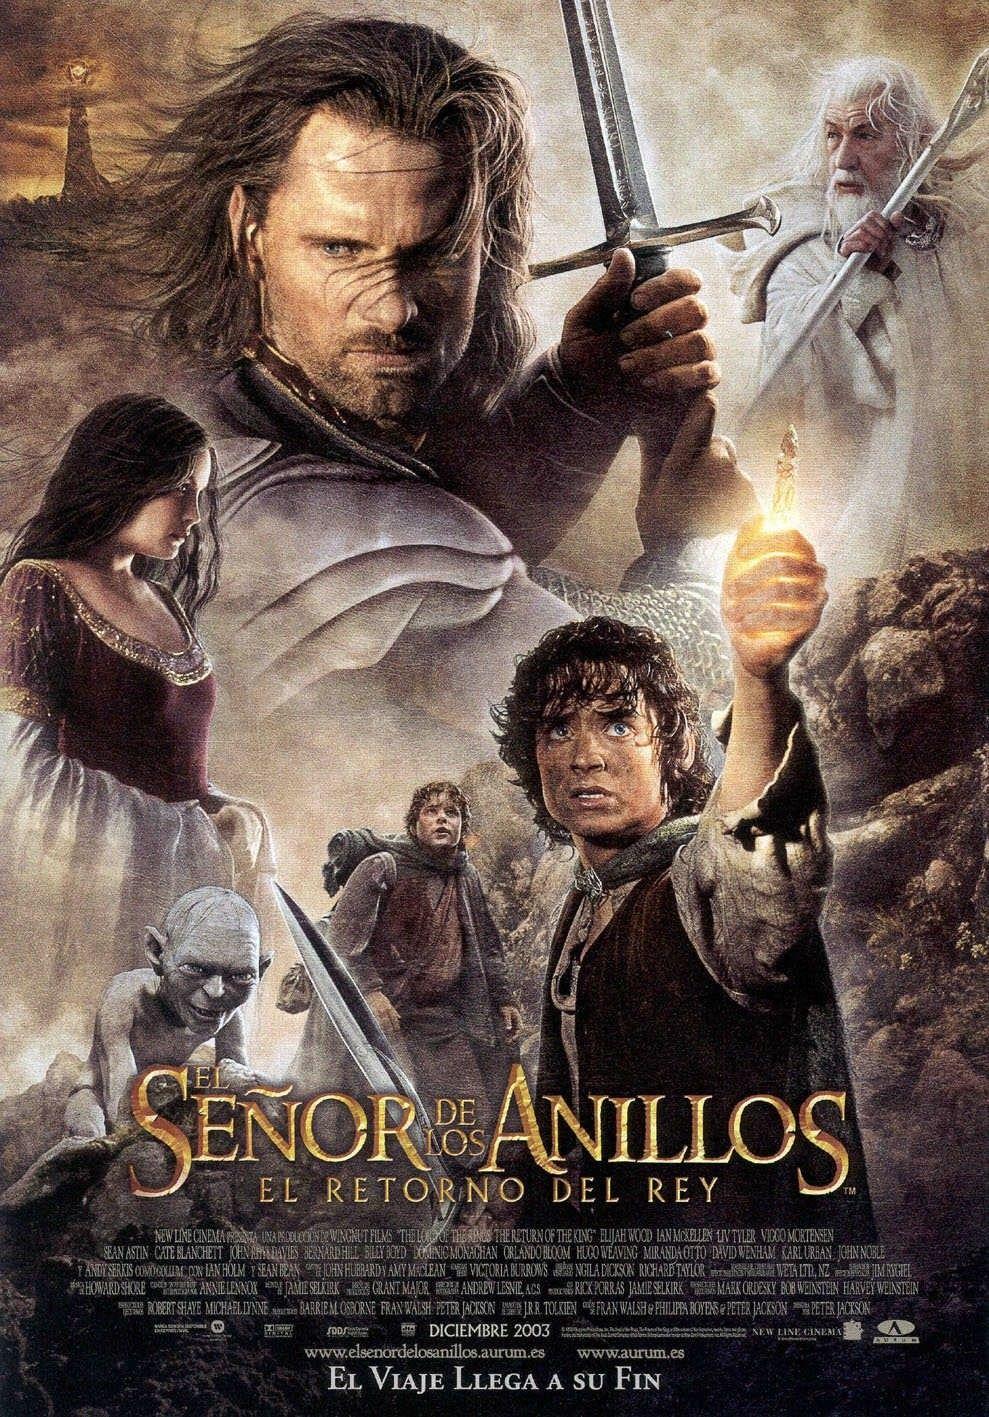 Ver El Senor De Los Anillos El Retorno Del Rey Online Gratis 2003 Hd Pelicula Completa Espanol Blockbuster Movies Kings Movie Popular Movies